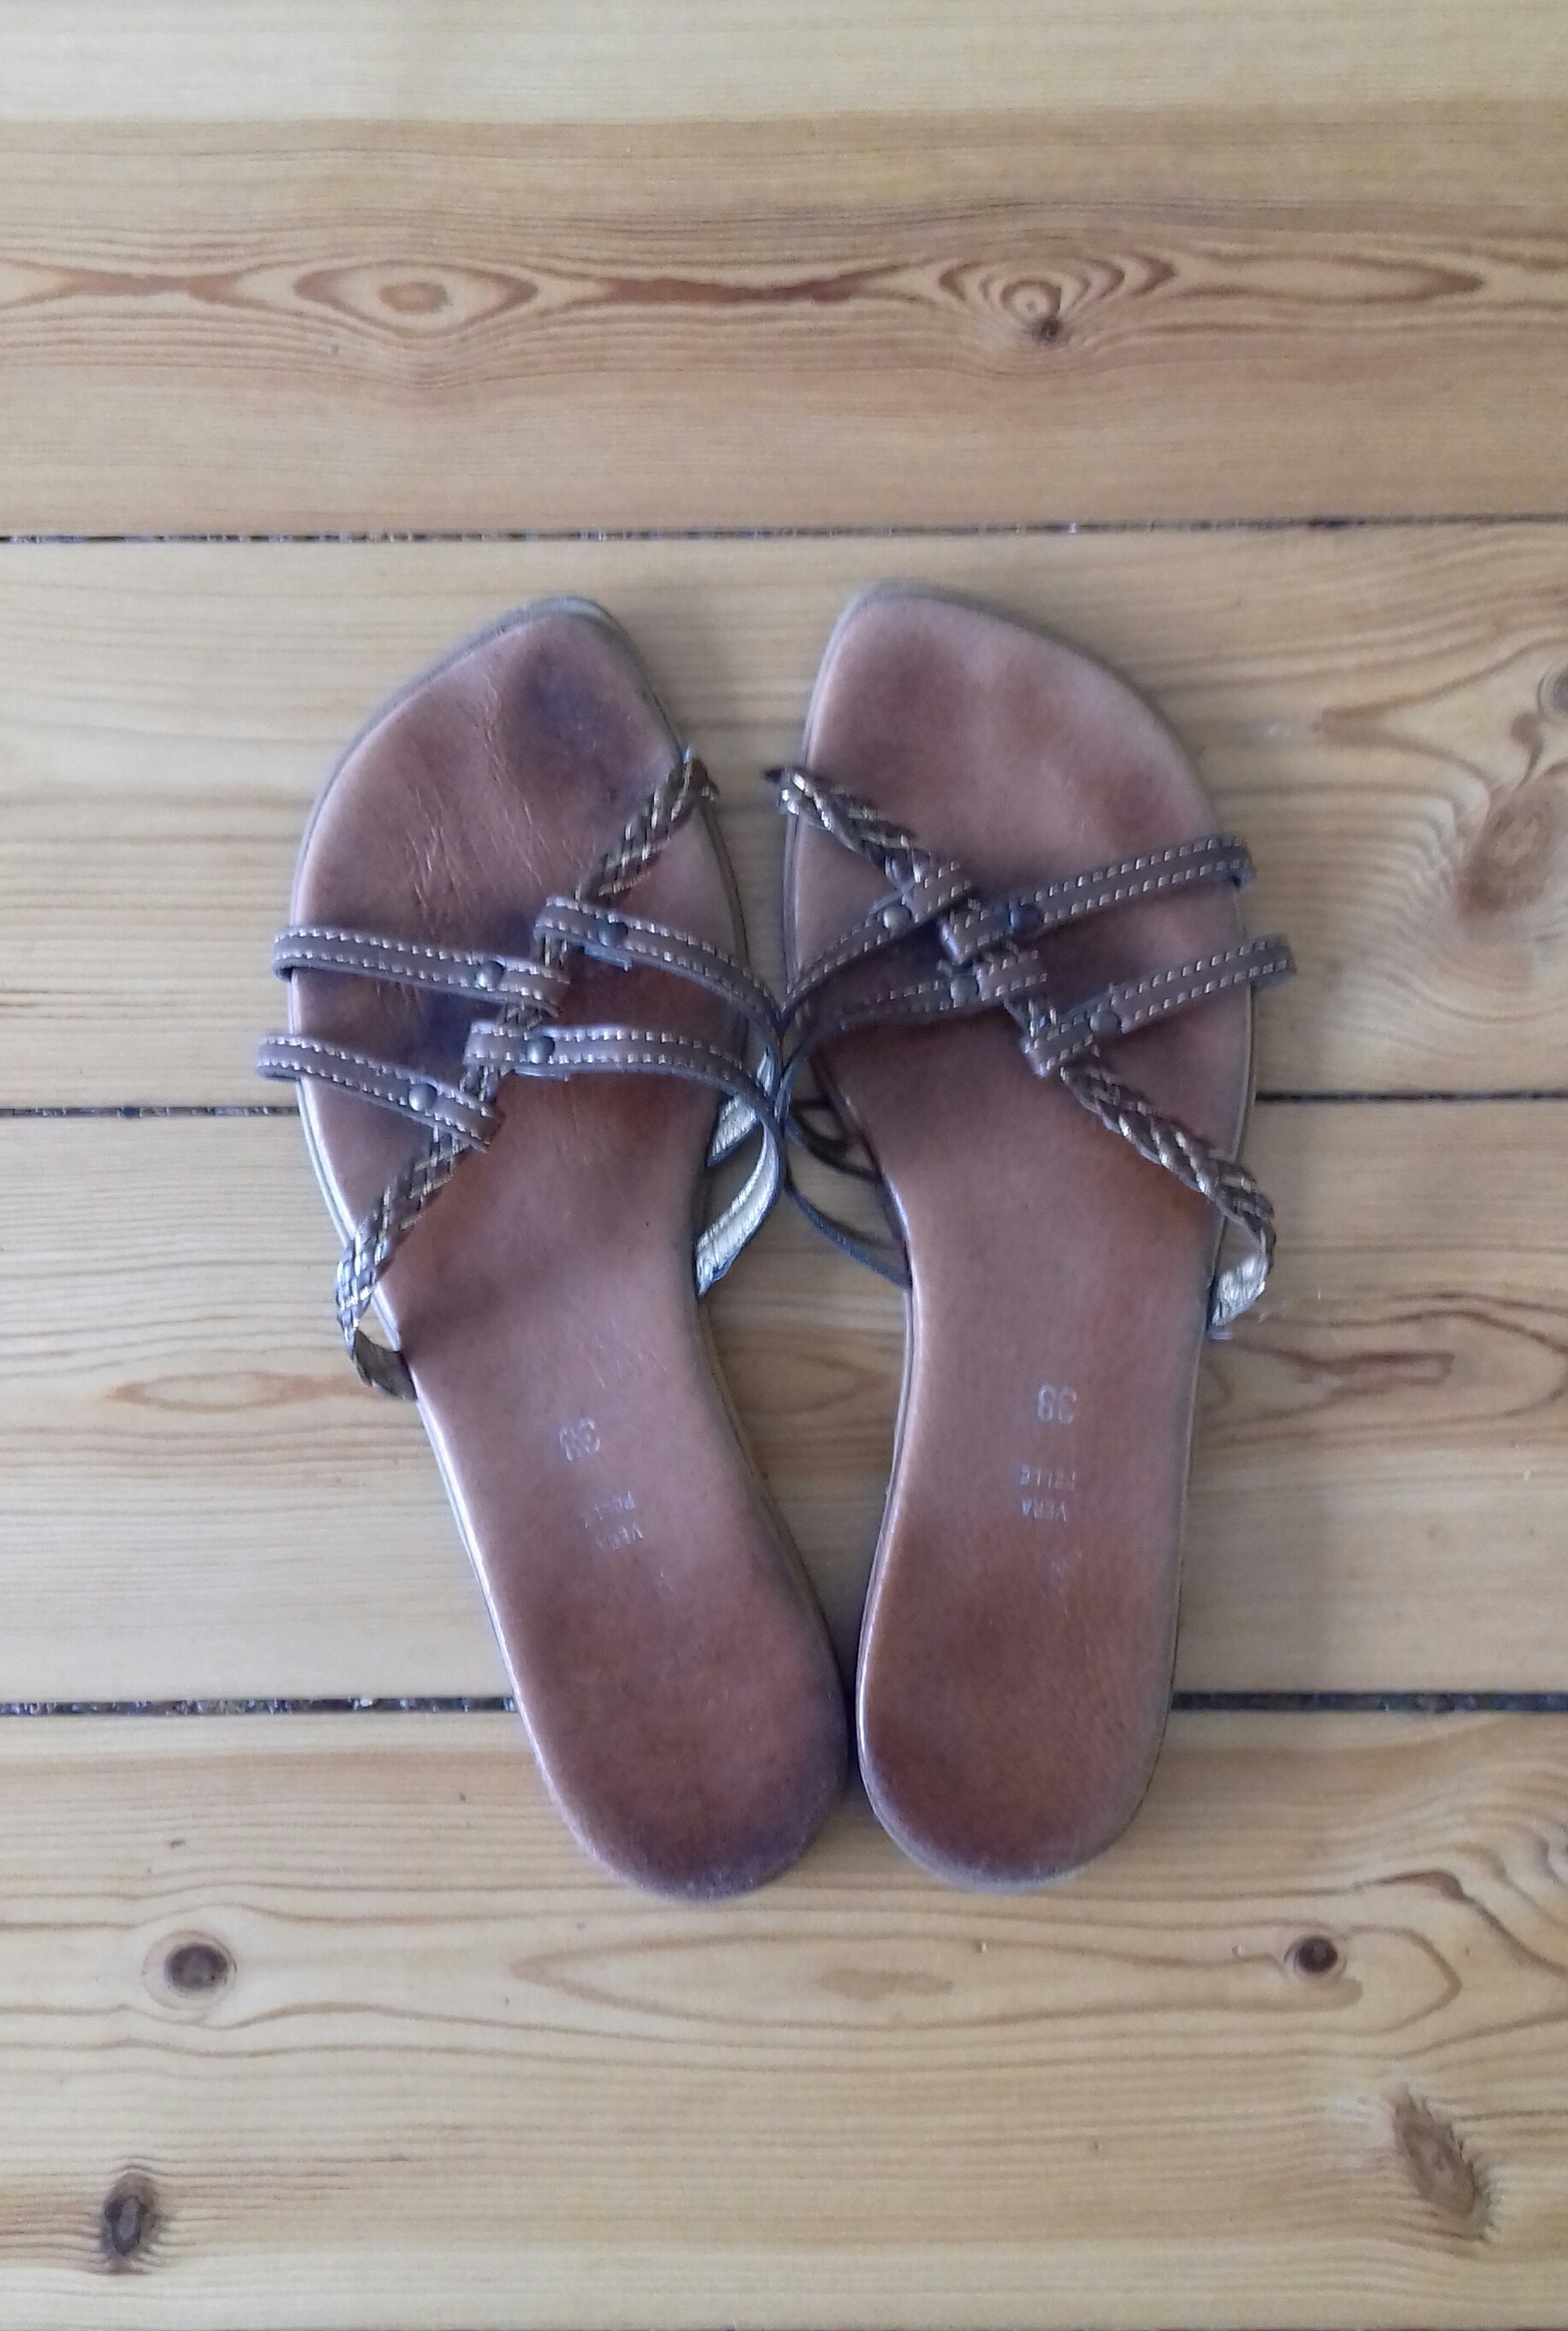 Damen Schuhe Sandalen 38 tauschen